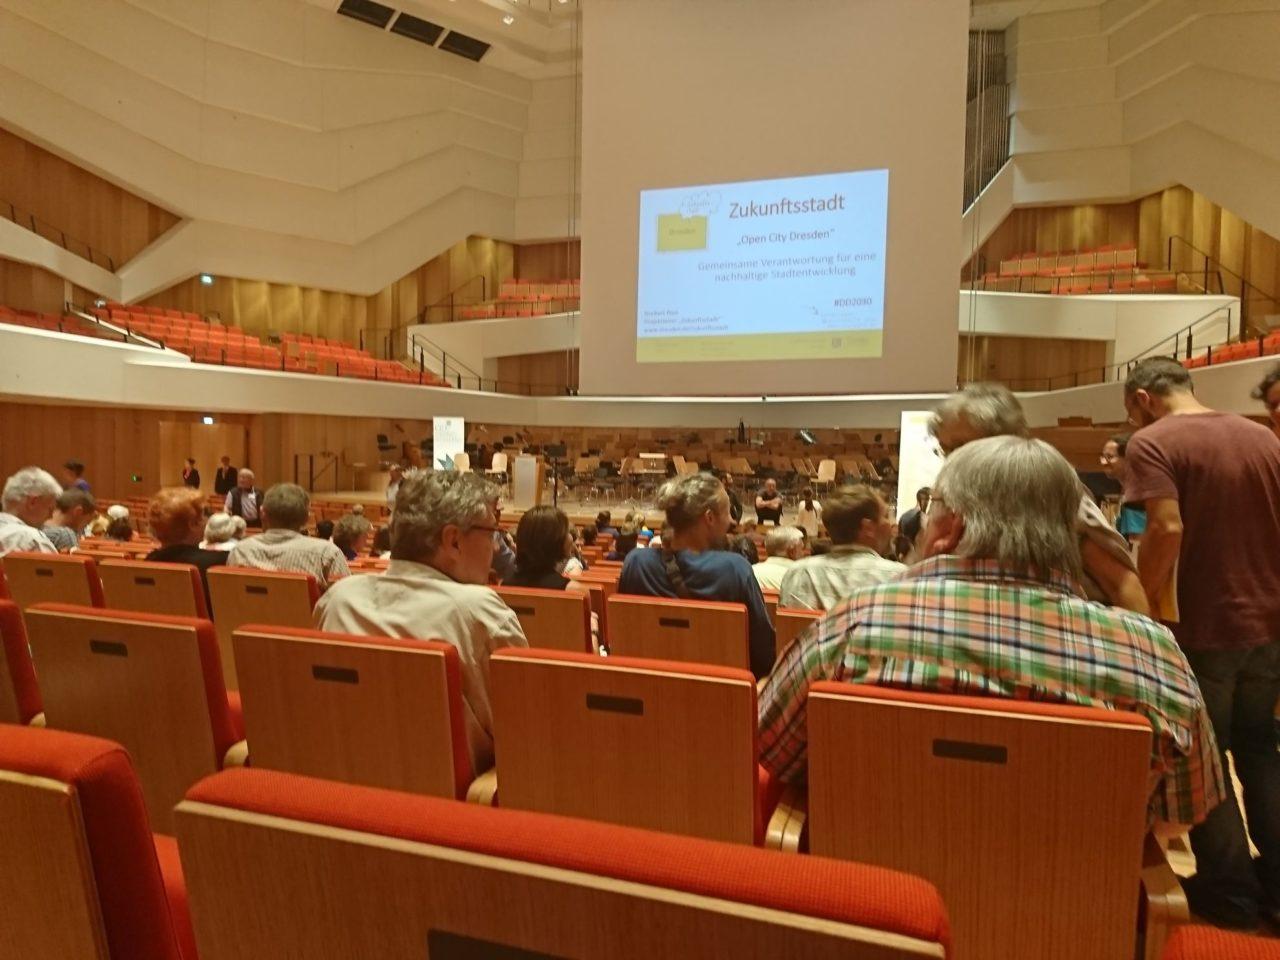 Die Zukunftskonferenz war Teil des Bürgerforums. (Foto: Sven Wernicke)